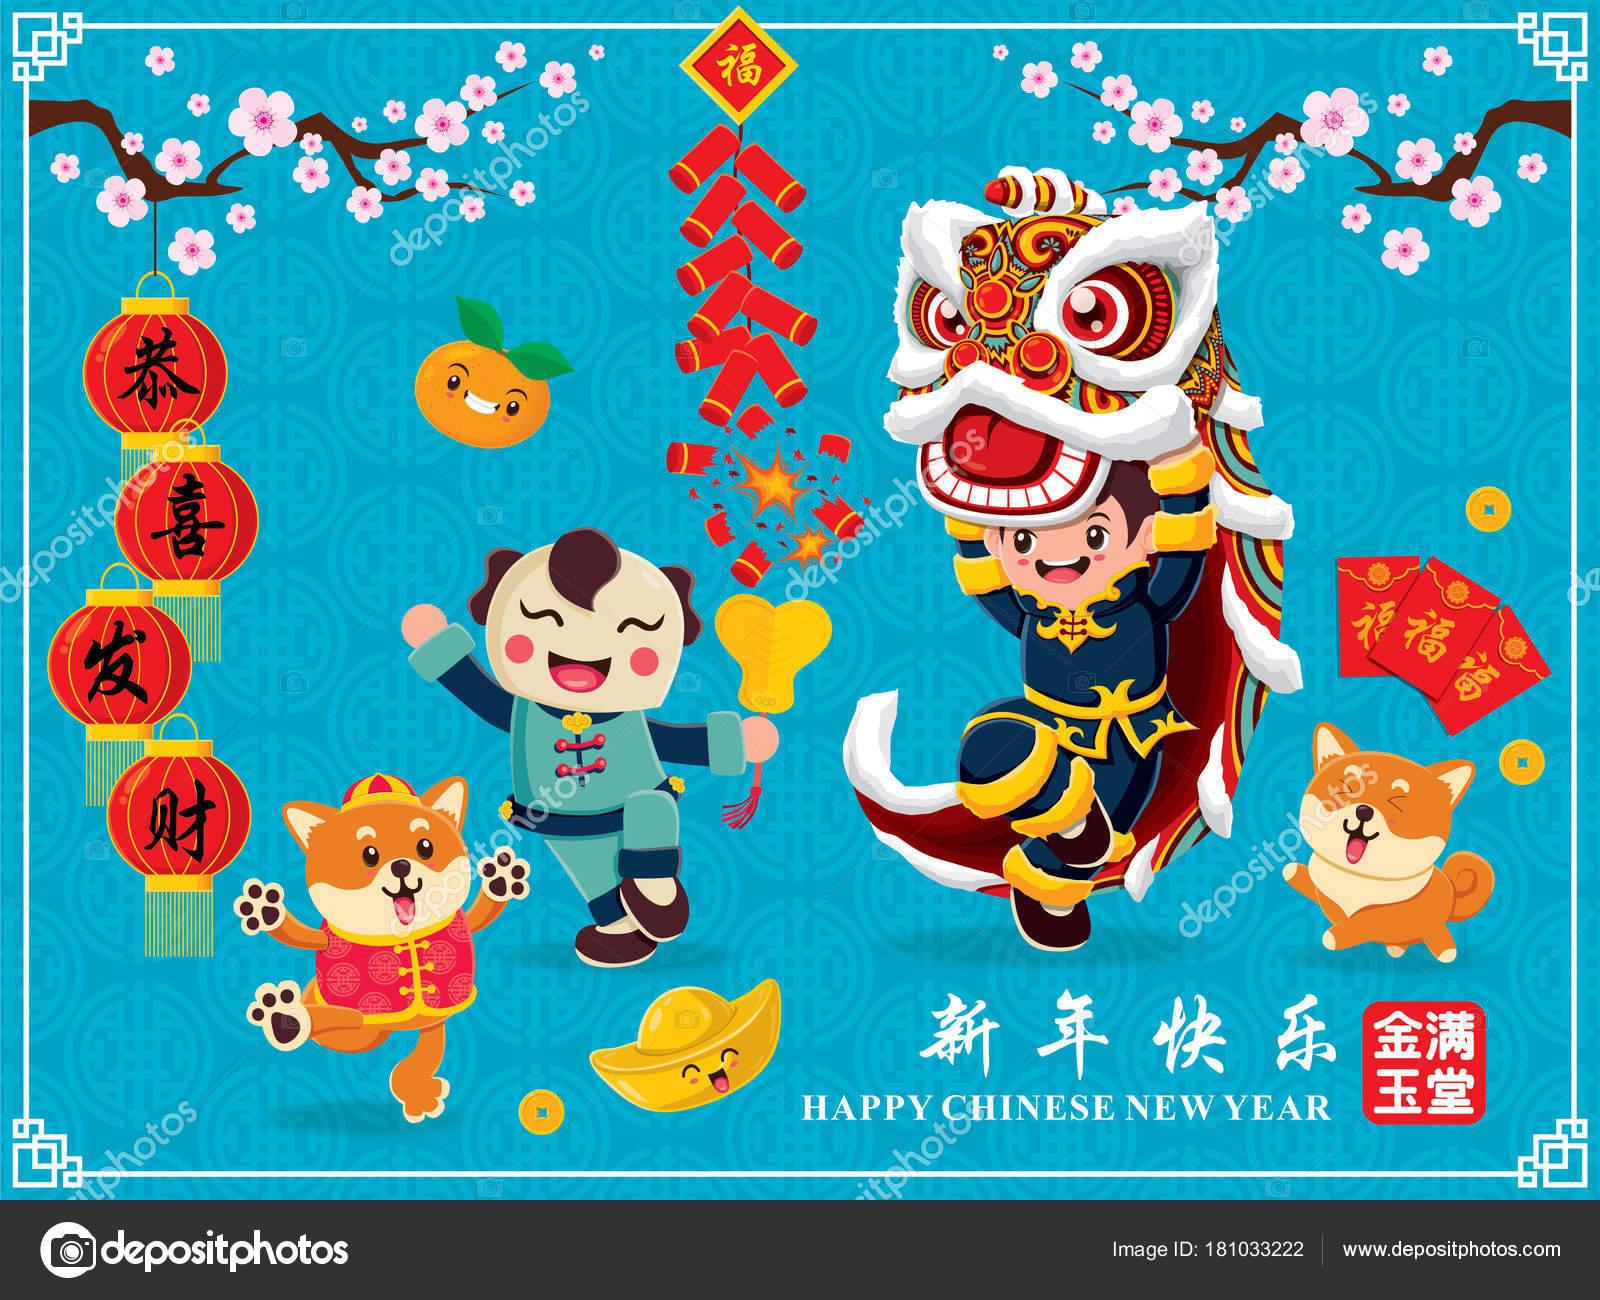 Vintage Chinesisches Neujahr Poster Design Mit Chinesischen Löwen ...